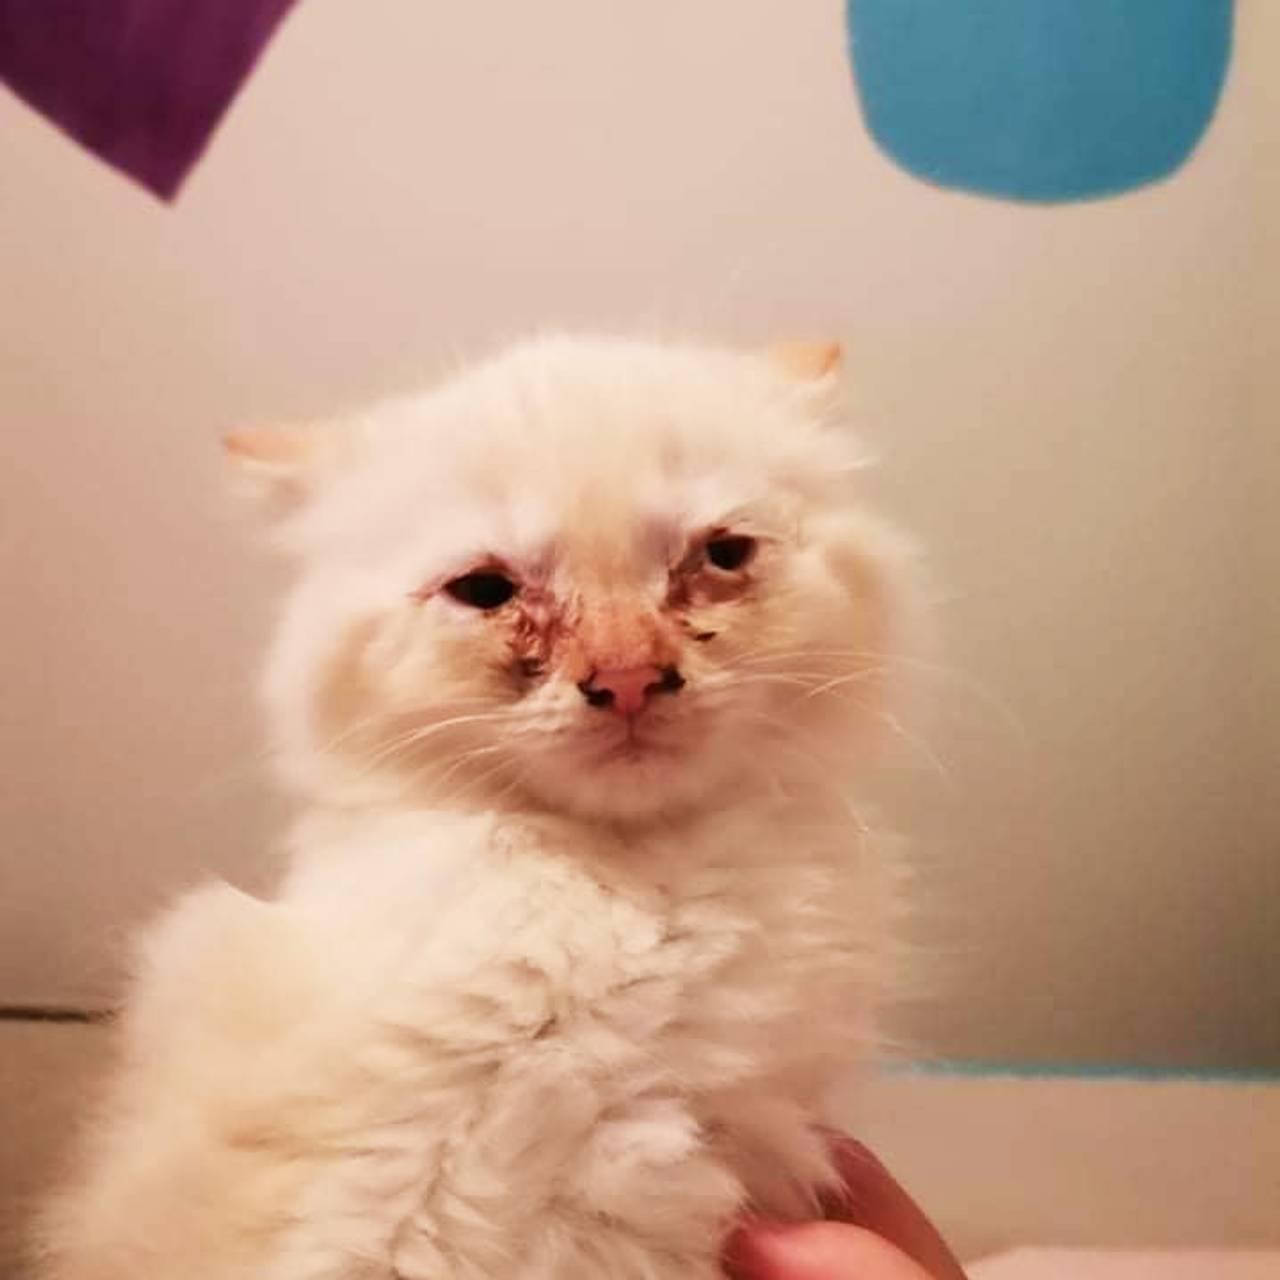 Katt med augebetennelse